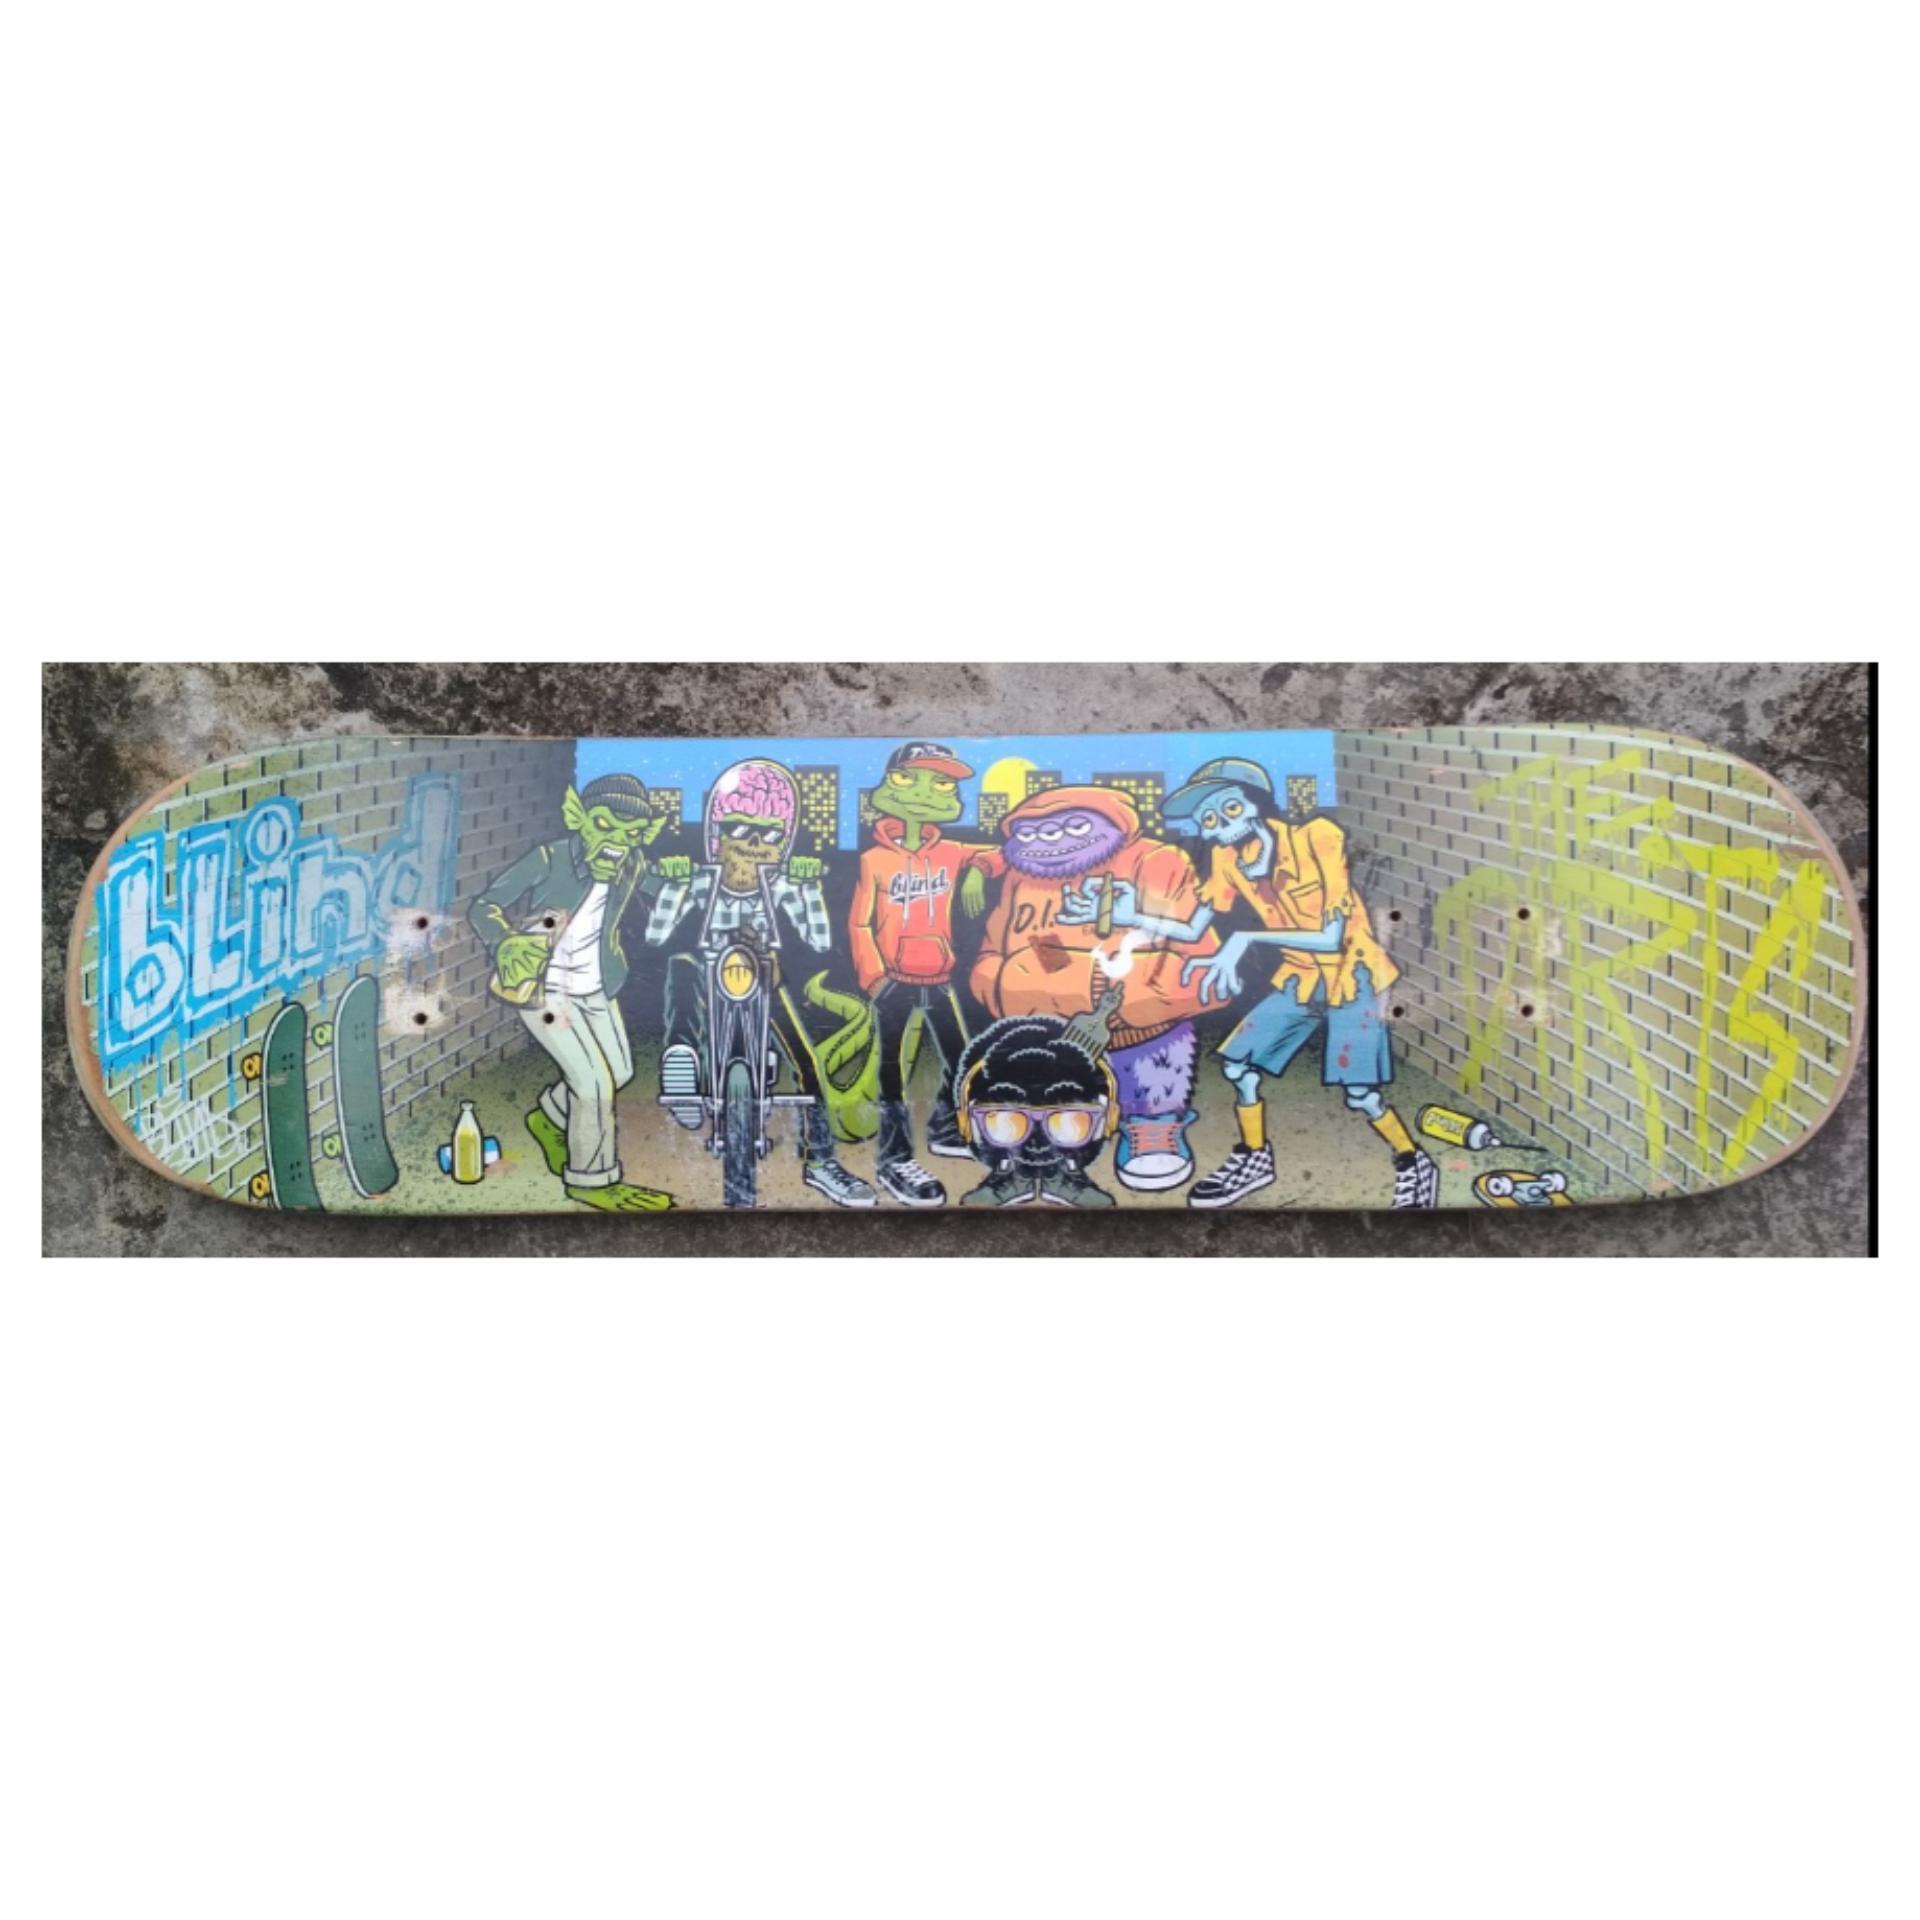 Blind Skateboard Deck